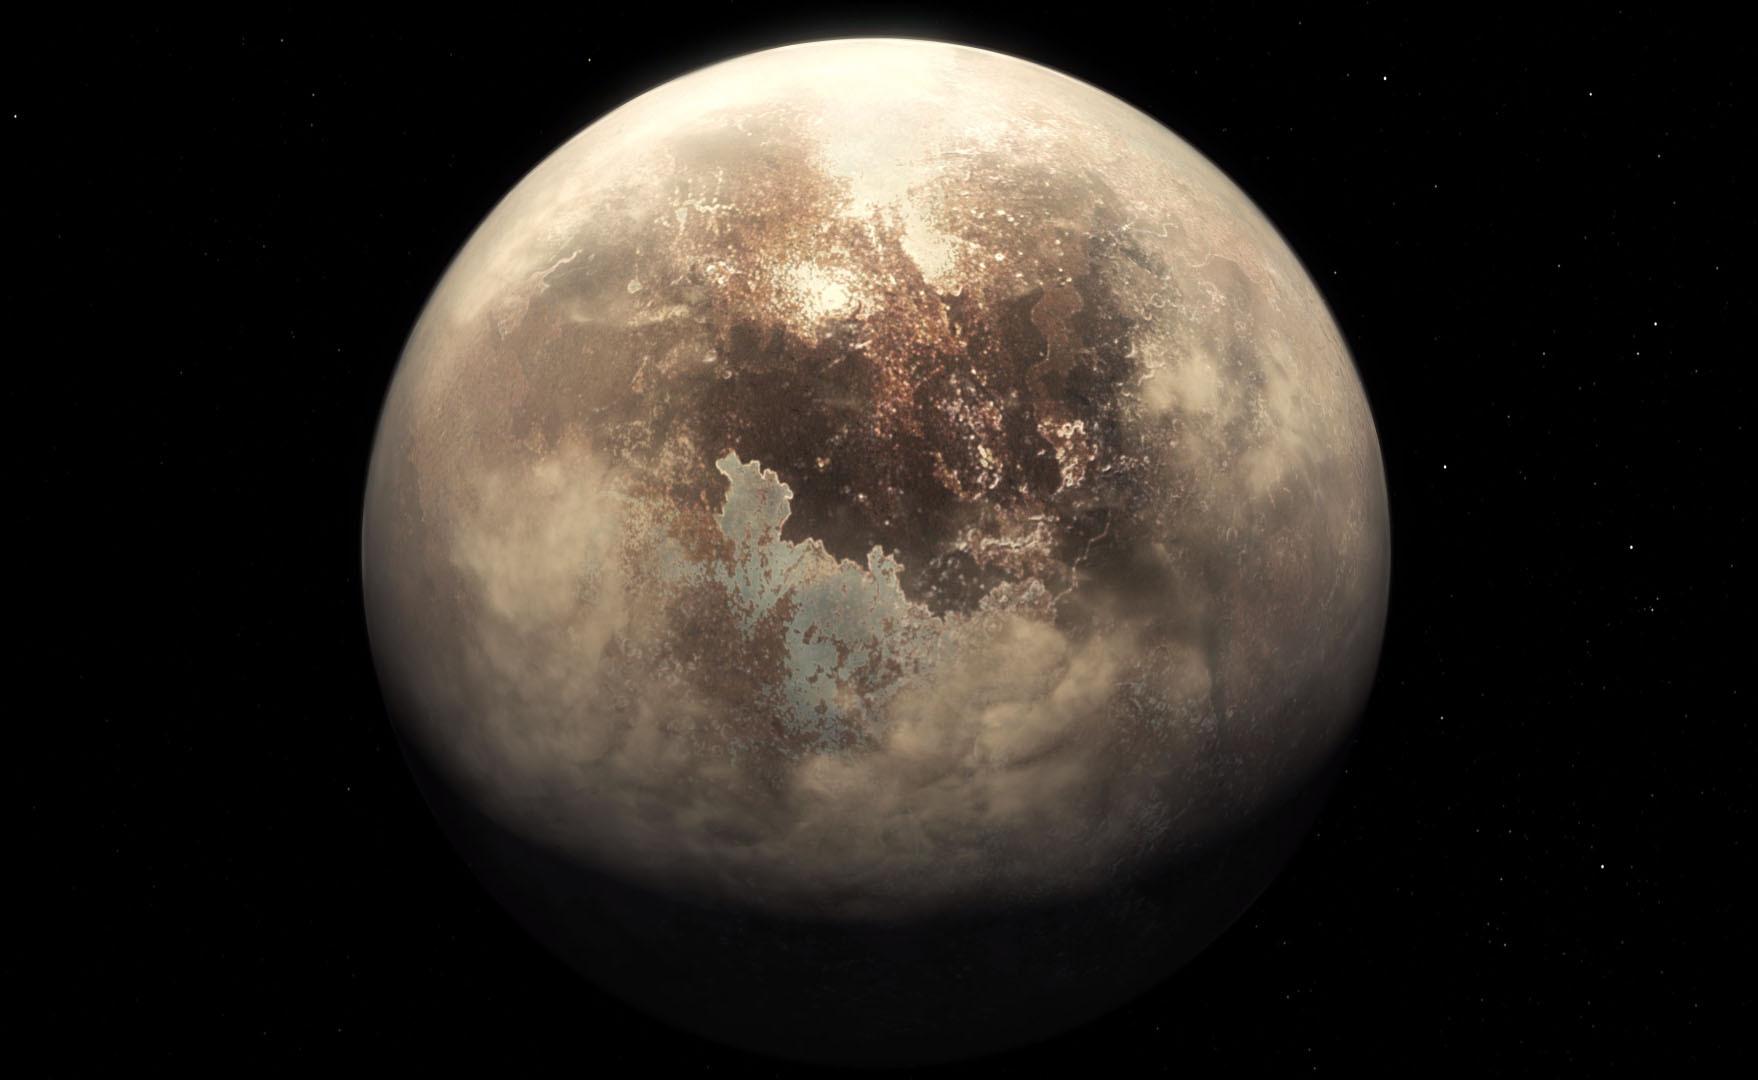 Планета Росс 128 b в 11 св. годах от нас может быть пристанищем для жизни - 1